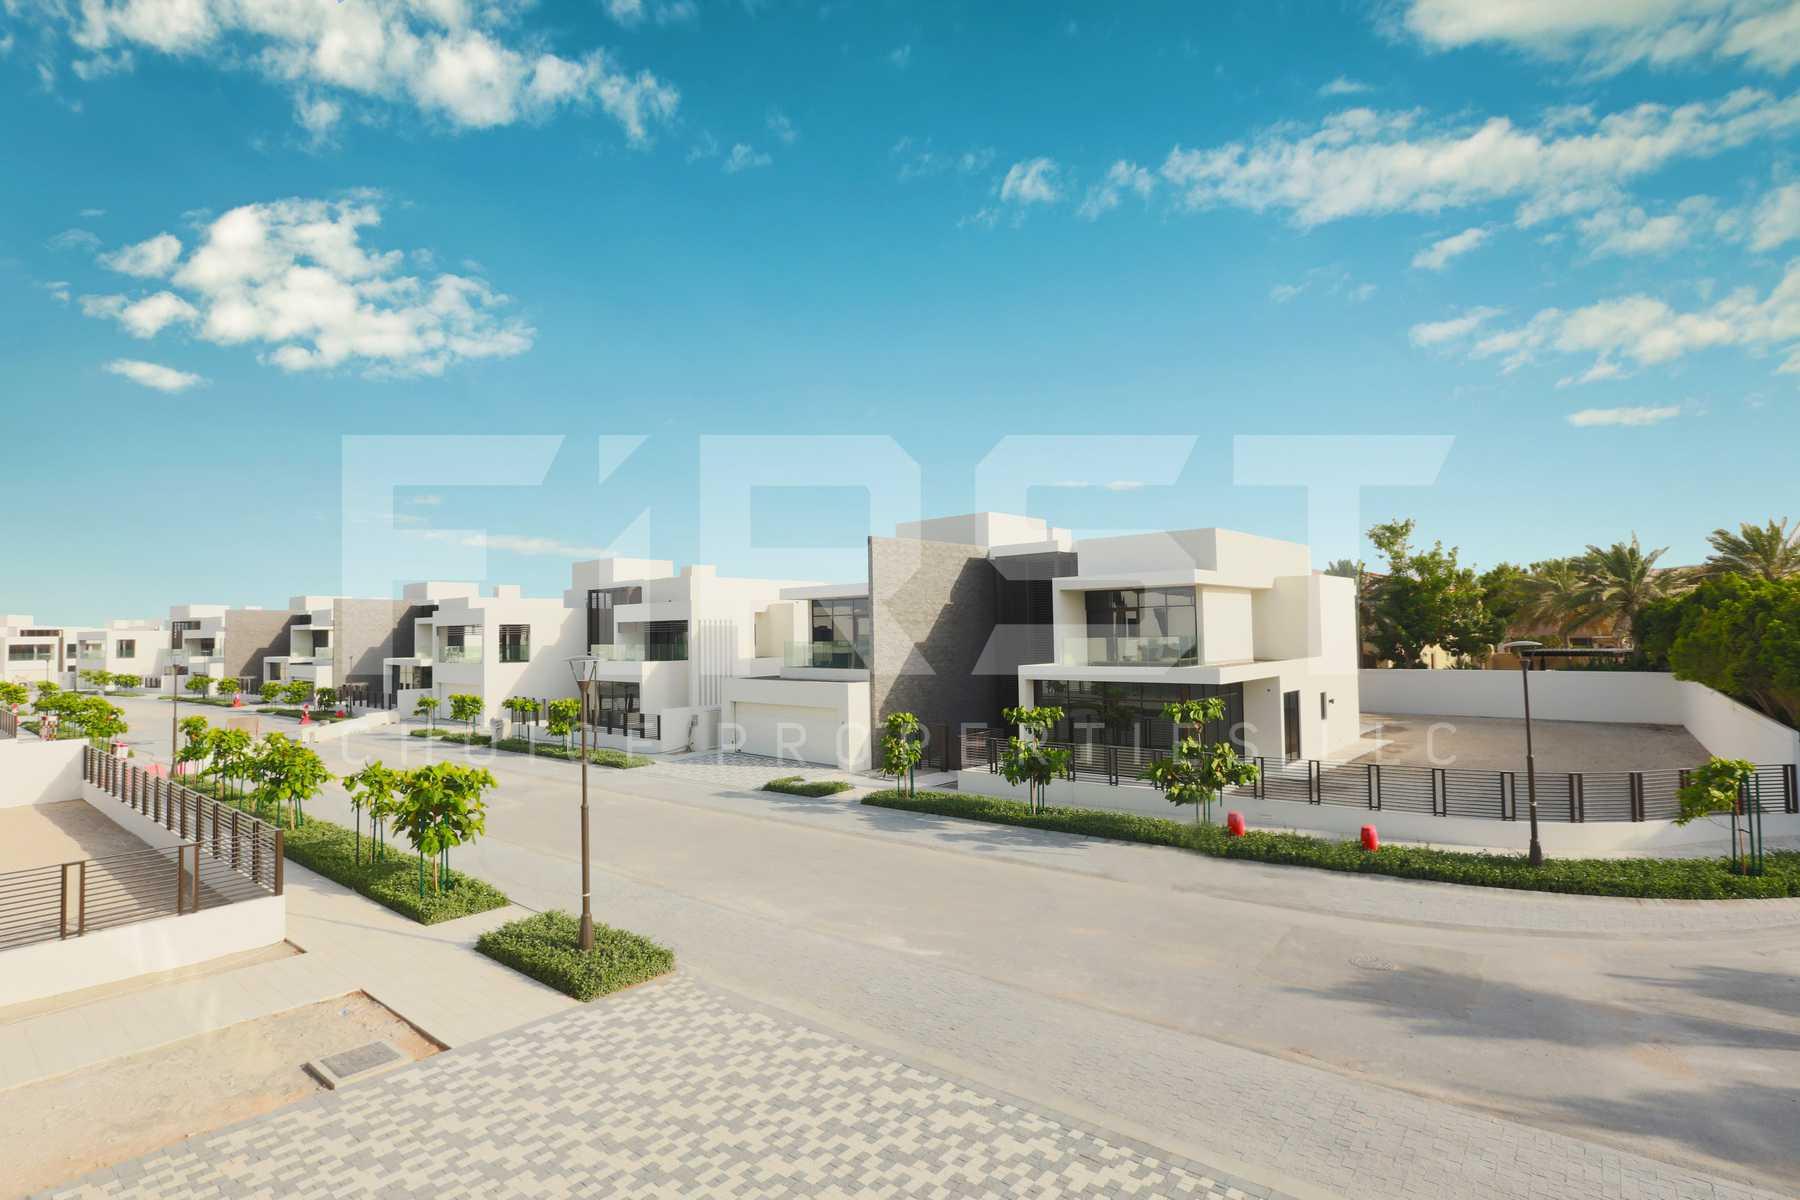 External Photo of 5 Bedroom Villa in Jawaher Saadiyat Saadiyat Island Abu Dhabi UAE (3).jpg